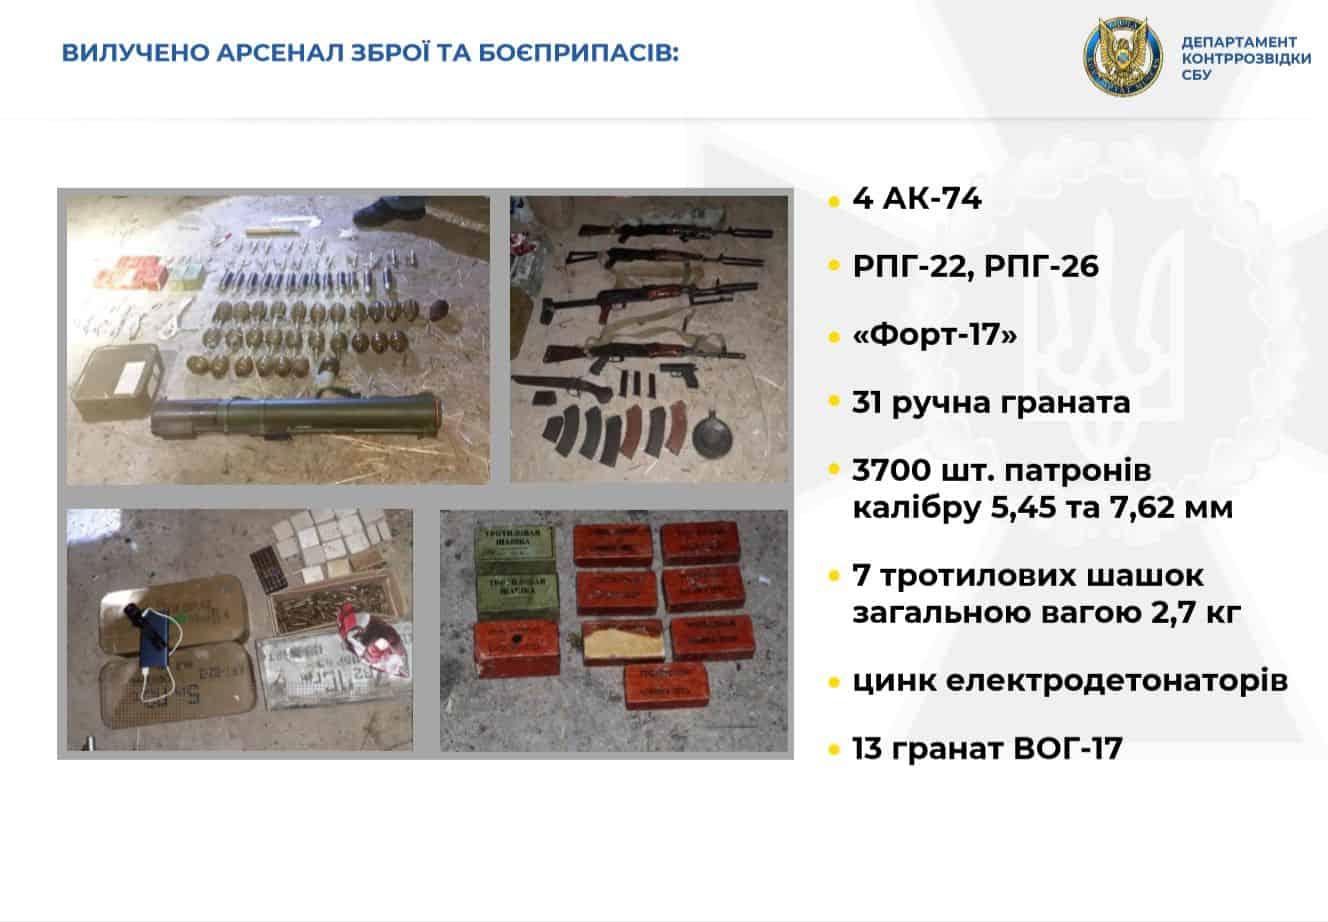 Вилучений арсенал зброї та боєприпасів у групи